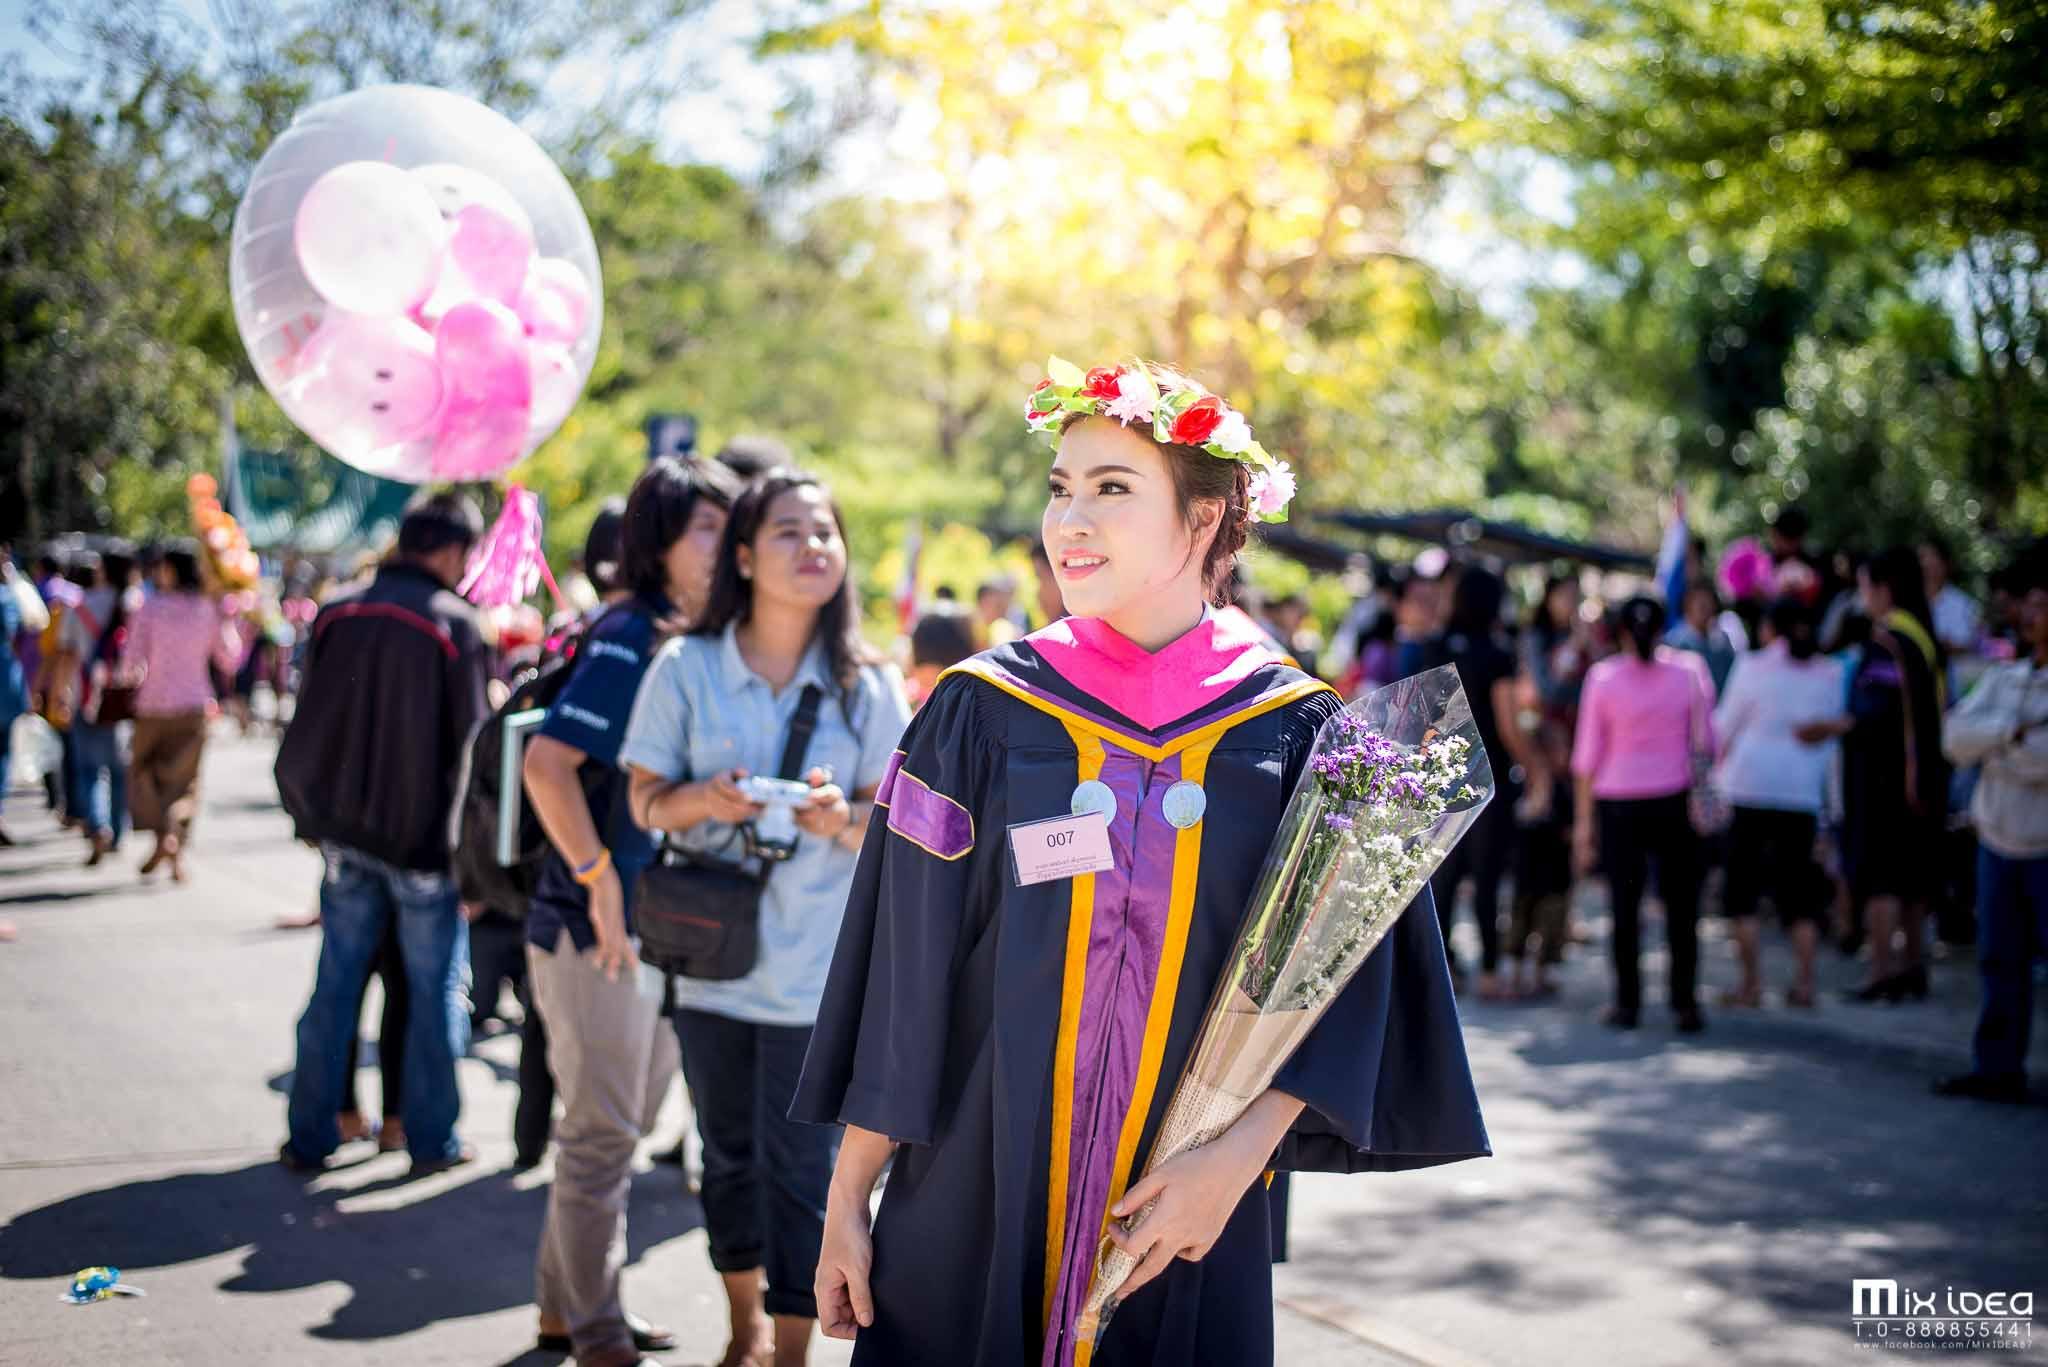 Photo of น้องแอน บัณฑิตป้ายแดง เกียรตินิยมอันดับ 1 สาขาวิชาการจัดการ มหาวิทยาลัยราชภัฏบุรีรัมย์